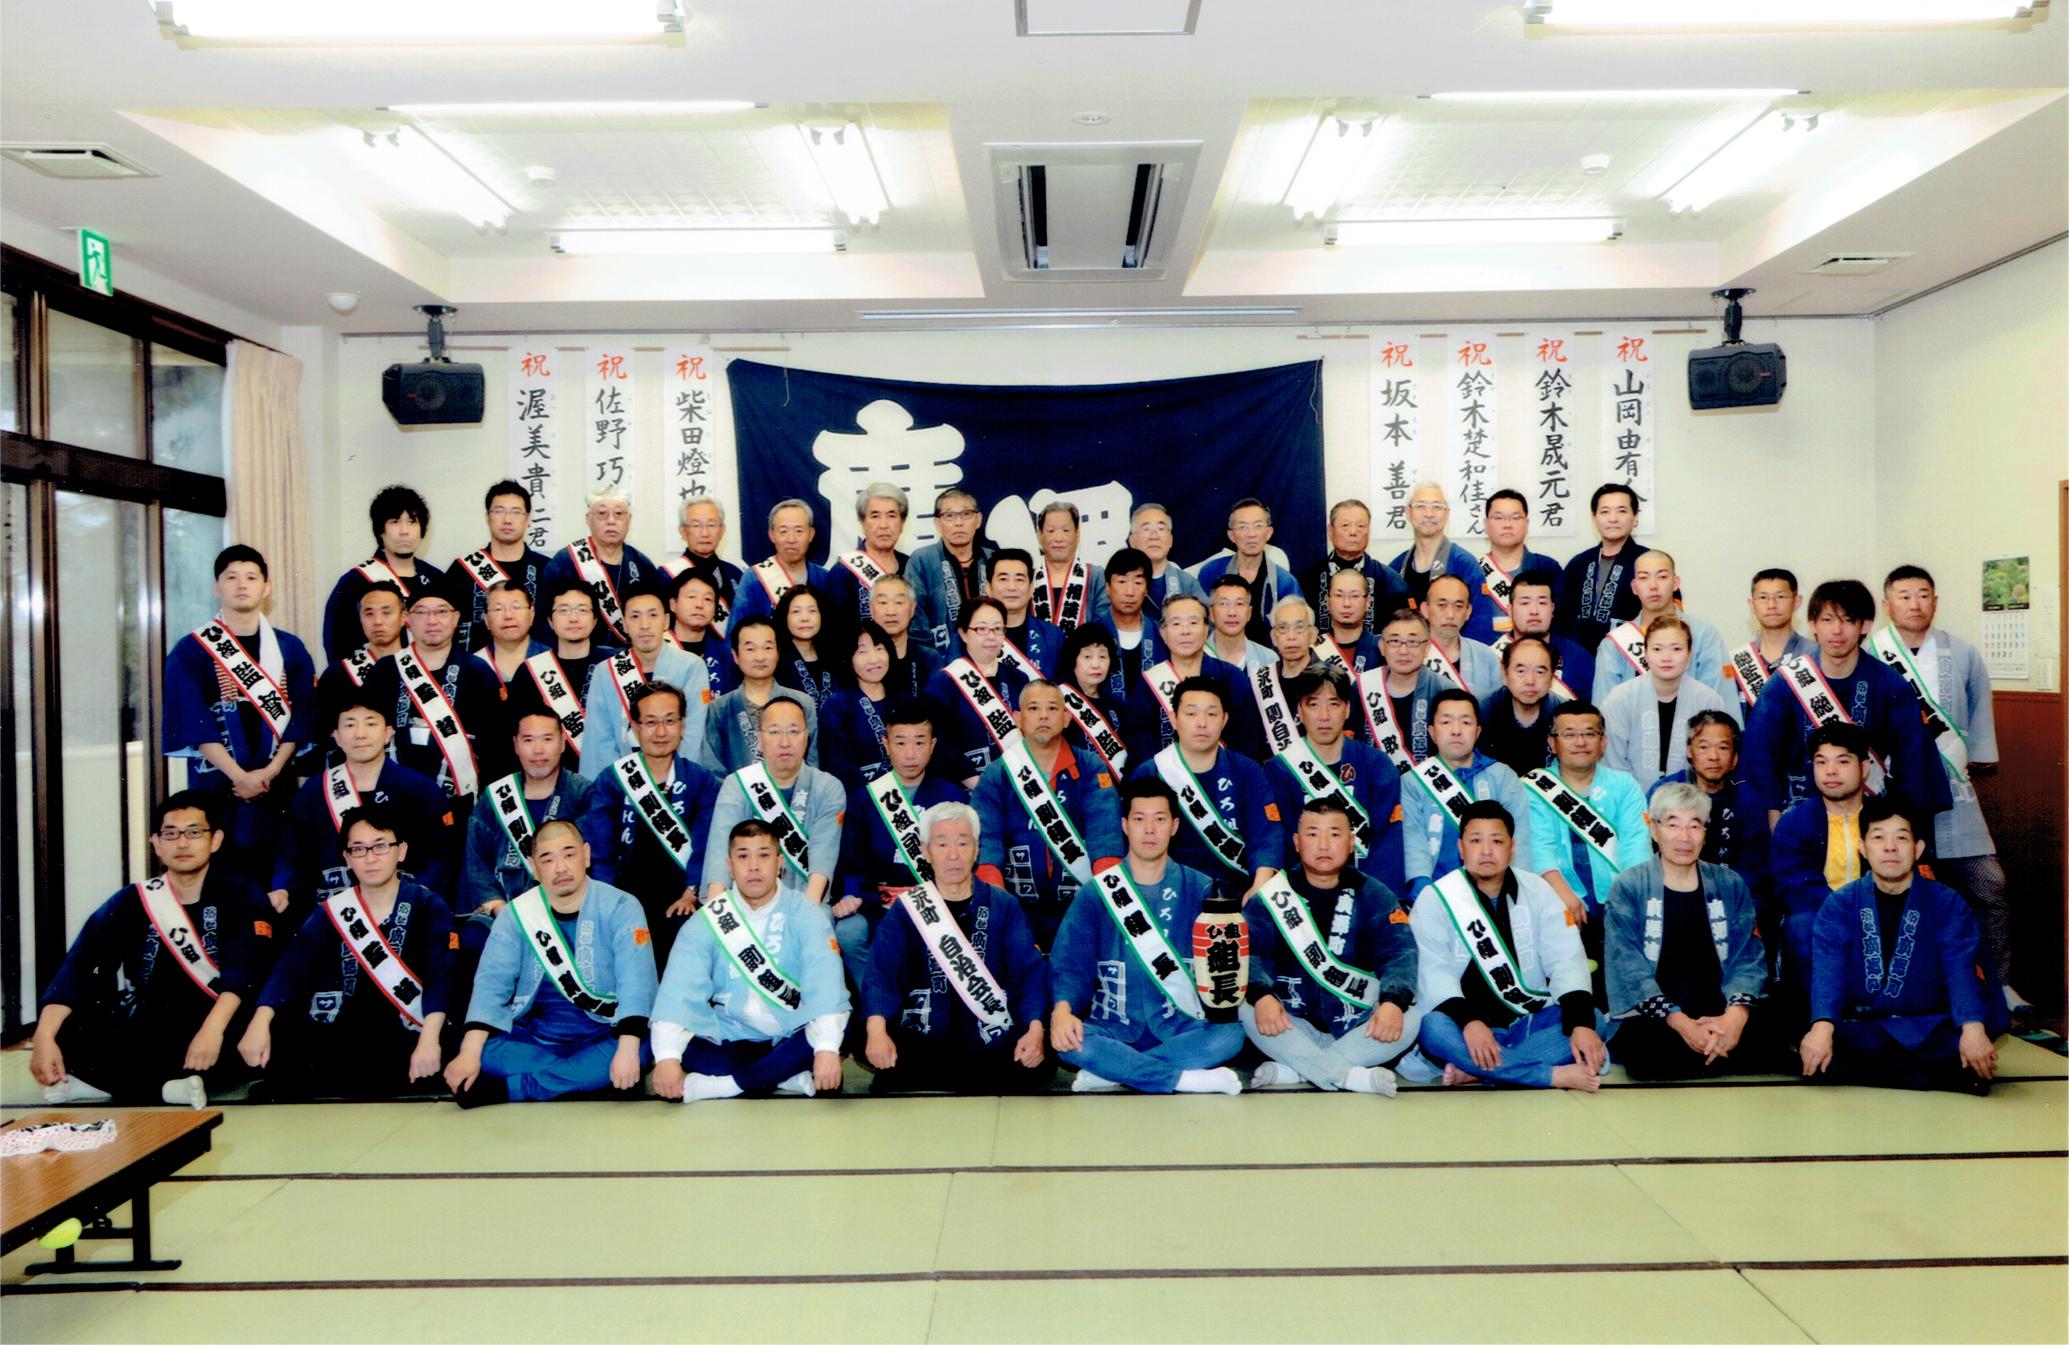 平成29年度浜松まつり広沢町凧揚会ひ組役員